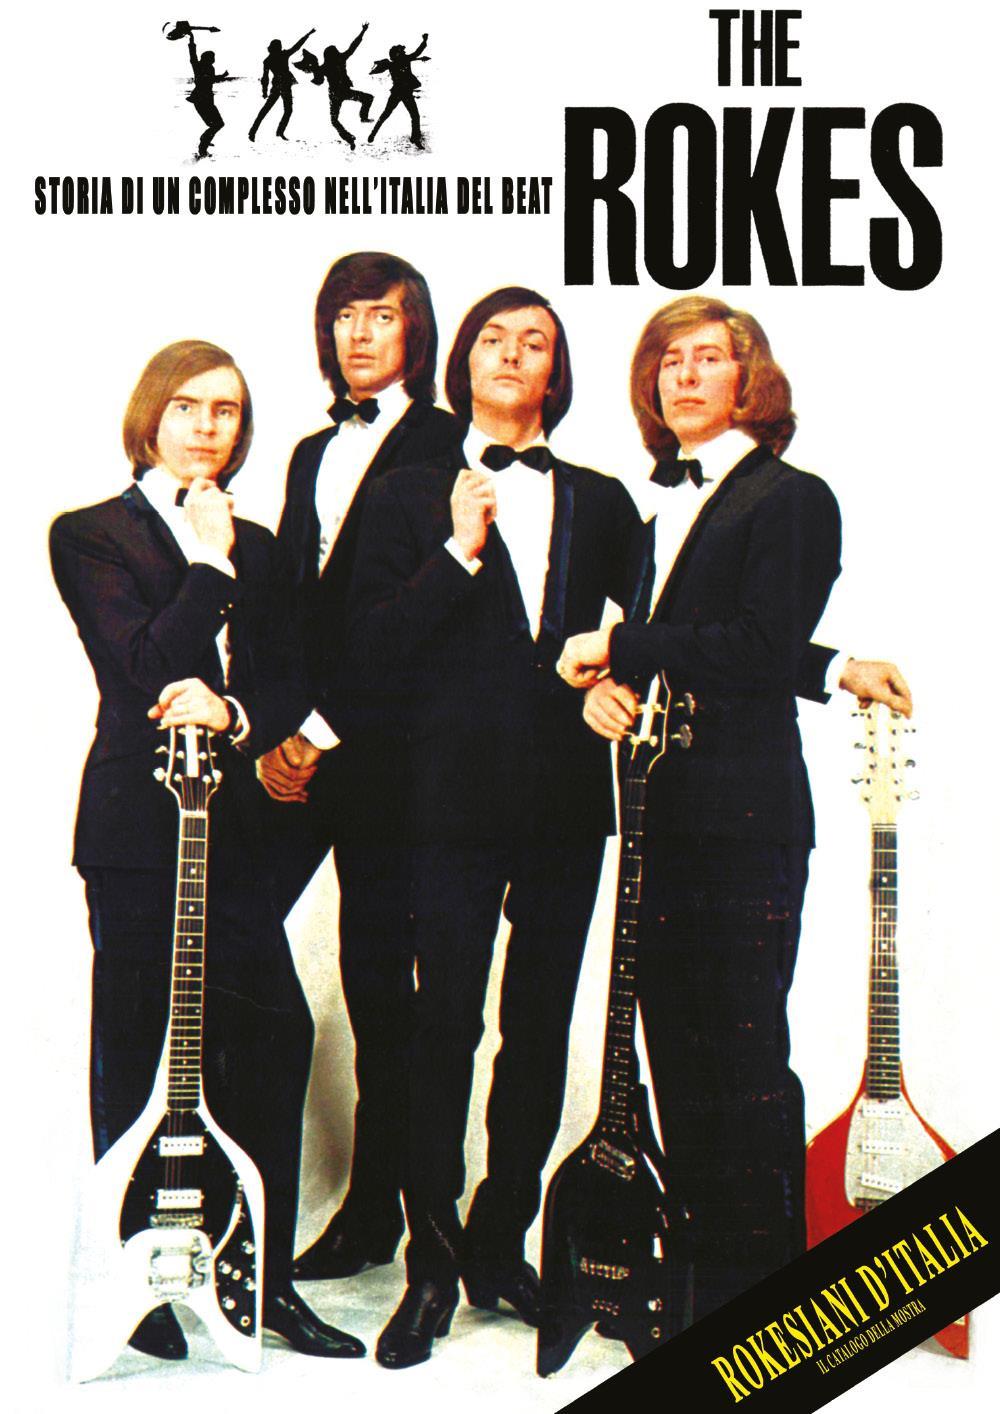 The Rokes: storia di un complesso nell'Italia del beat